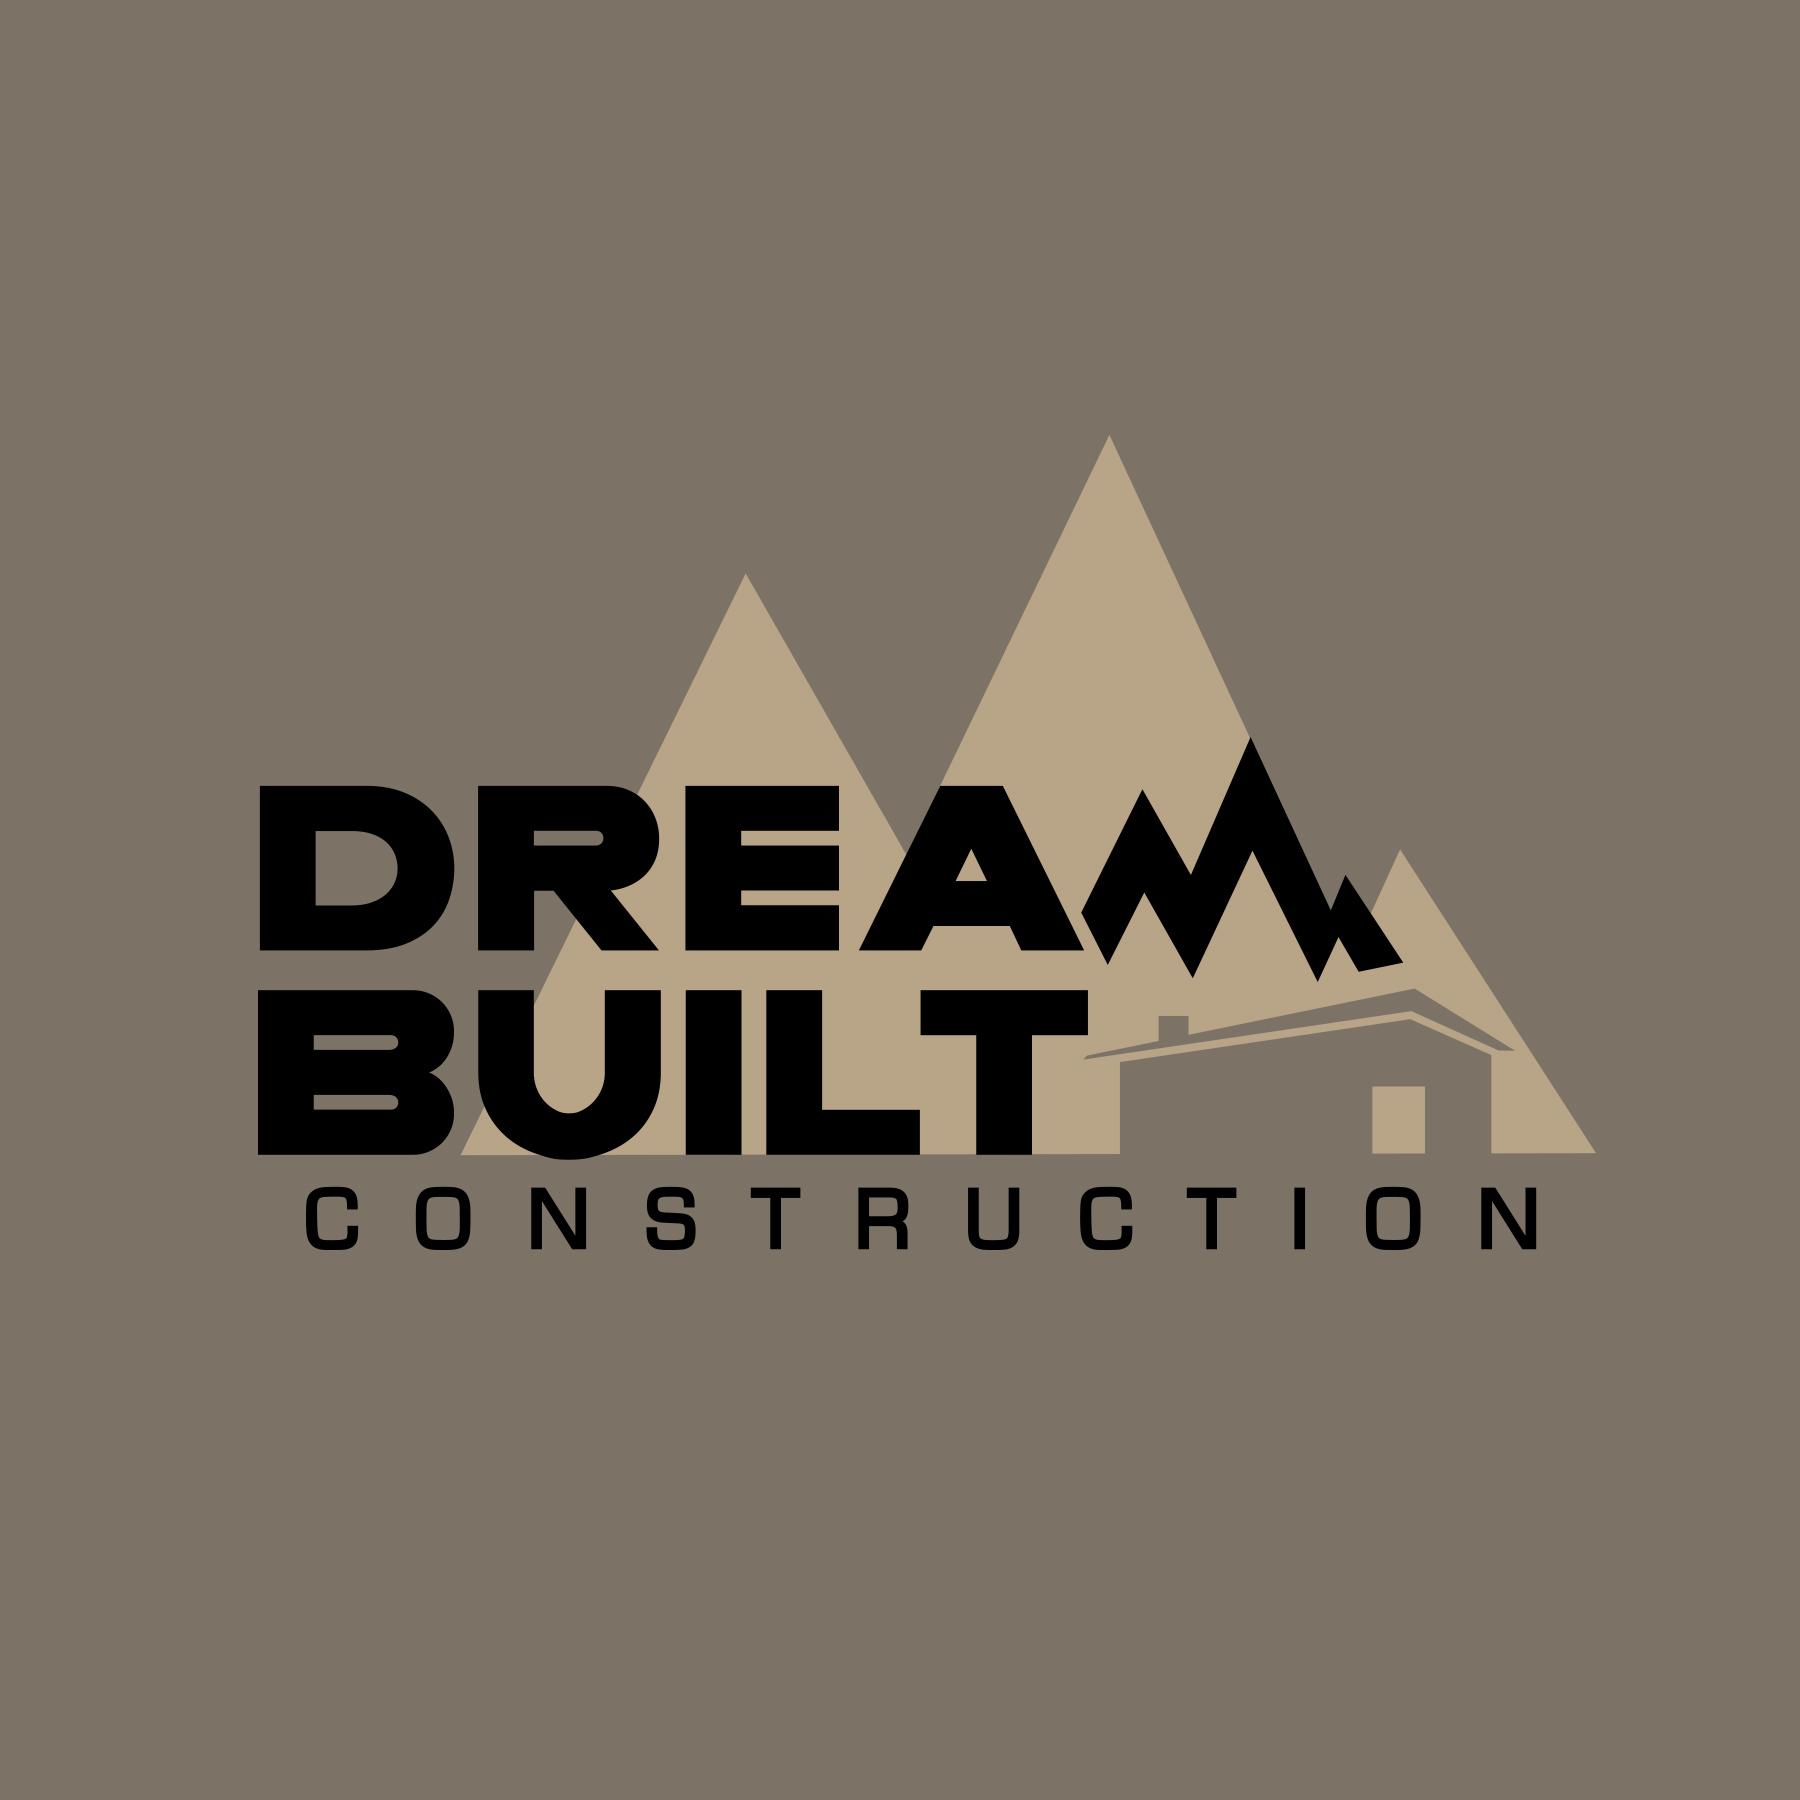 dreambuilt.jpg